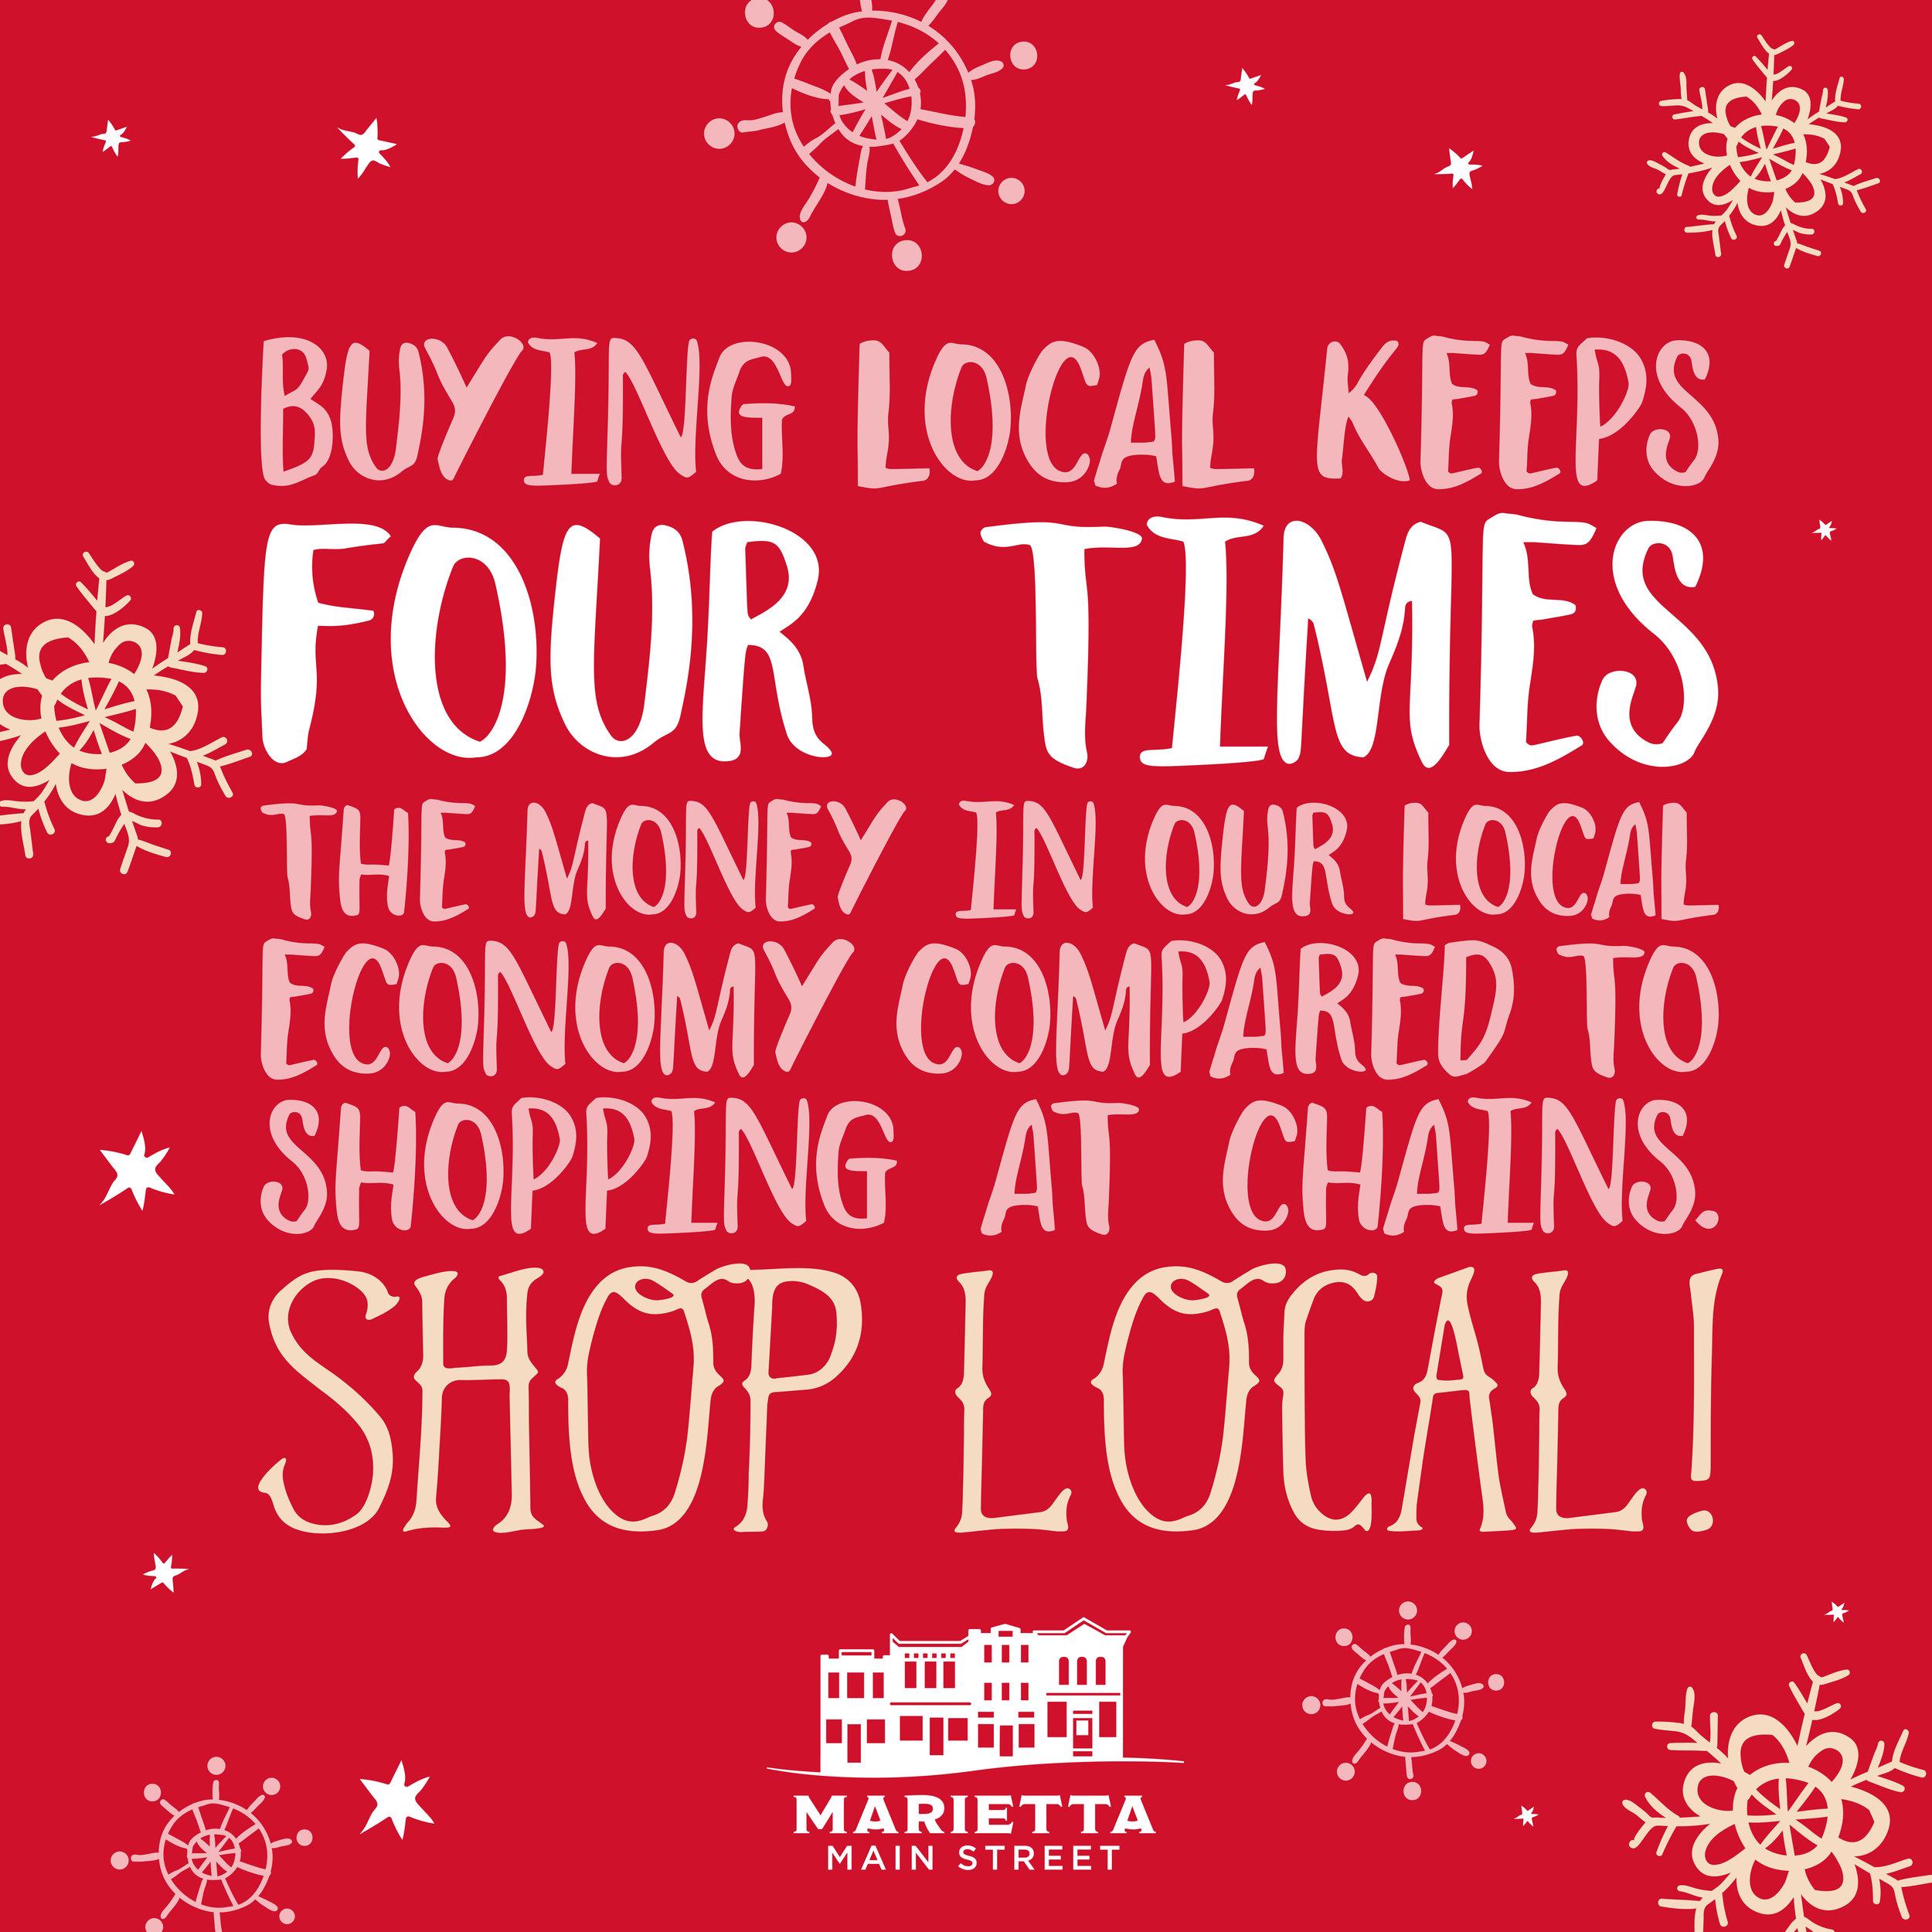 shop small square three.jpg